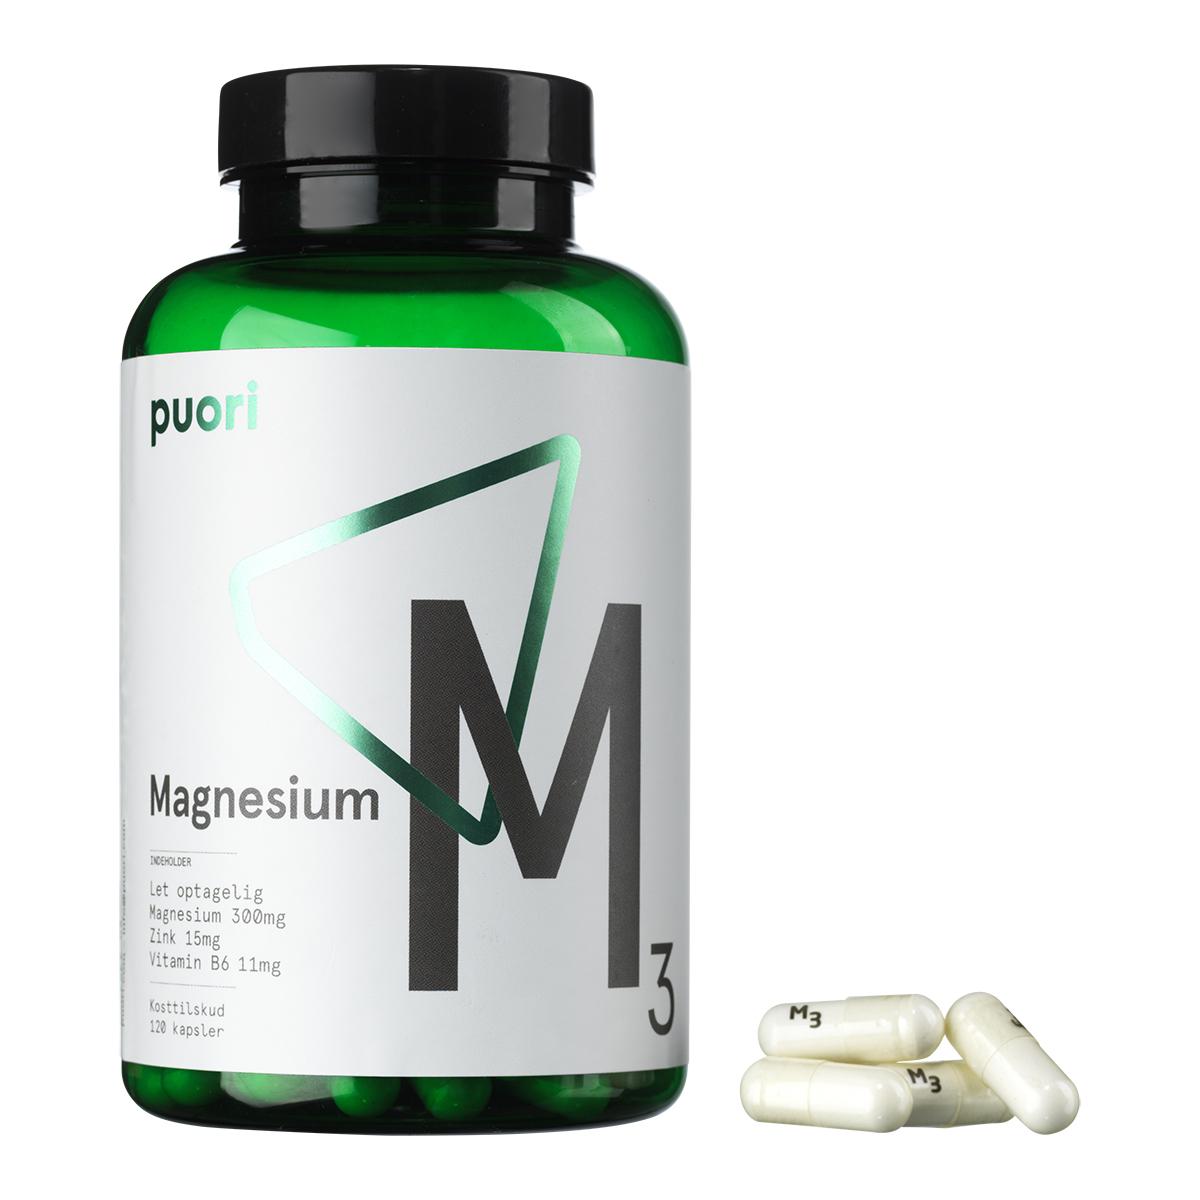 Billede af Puori Magnesium M3 - 120 kapsler